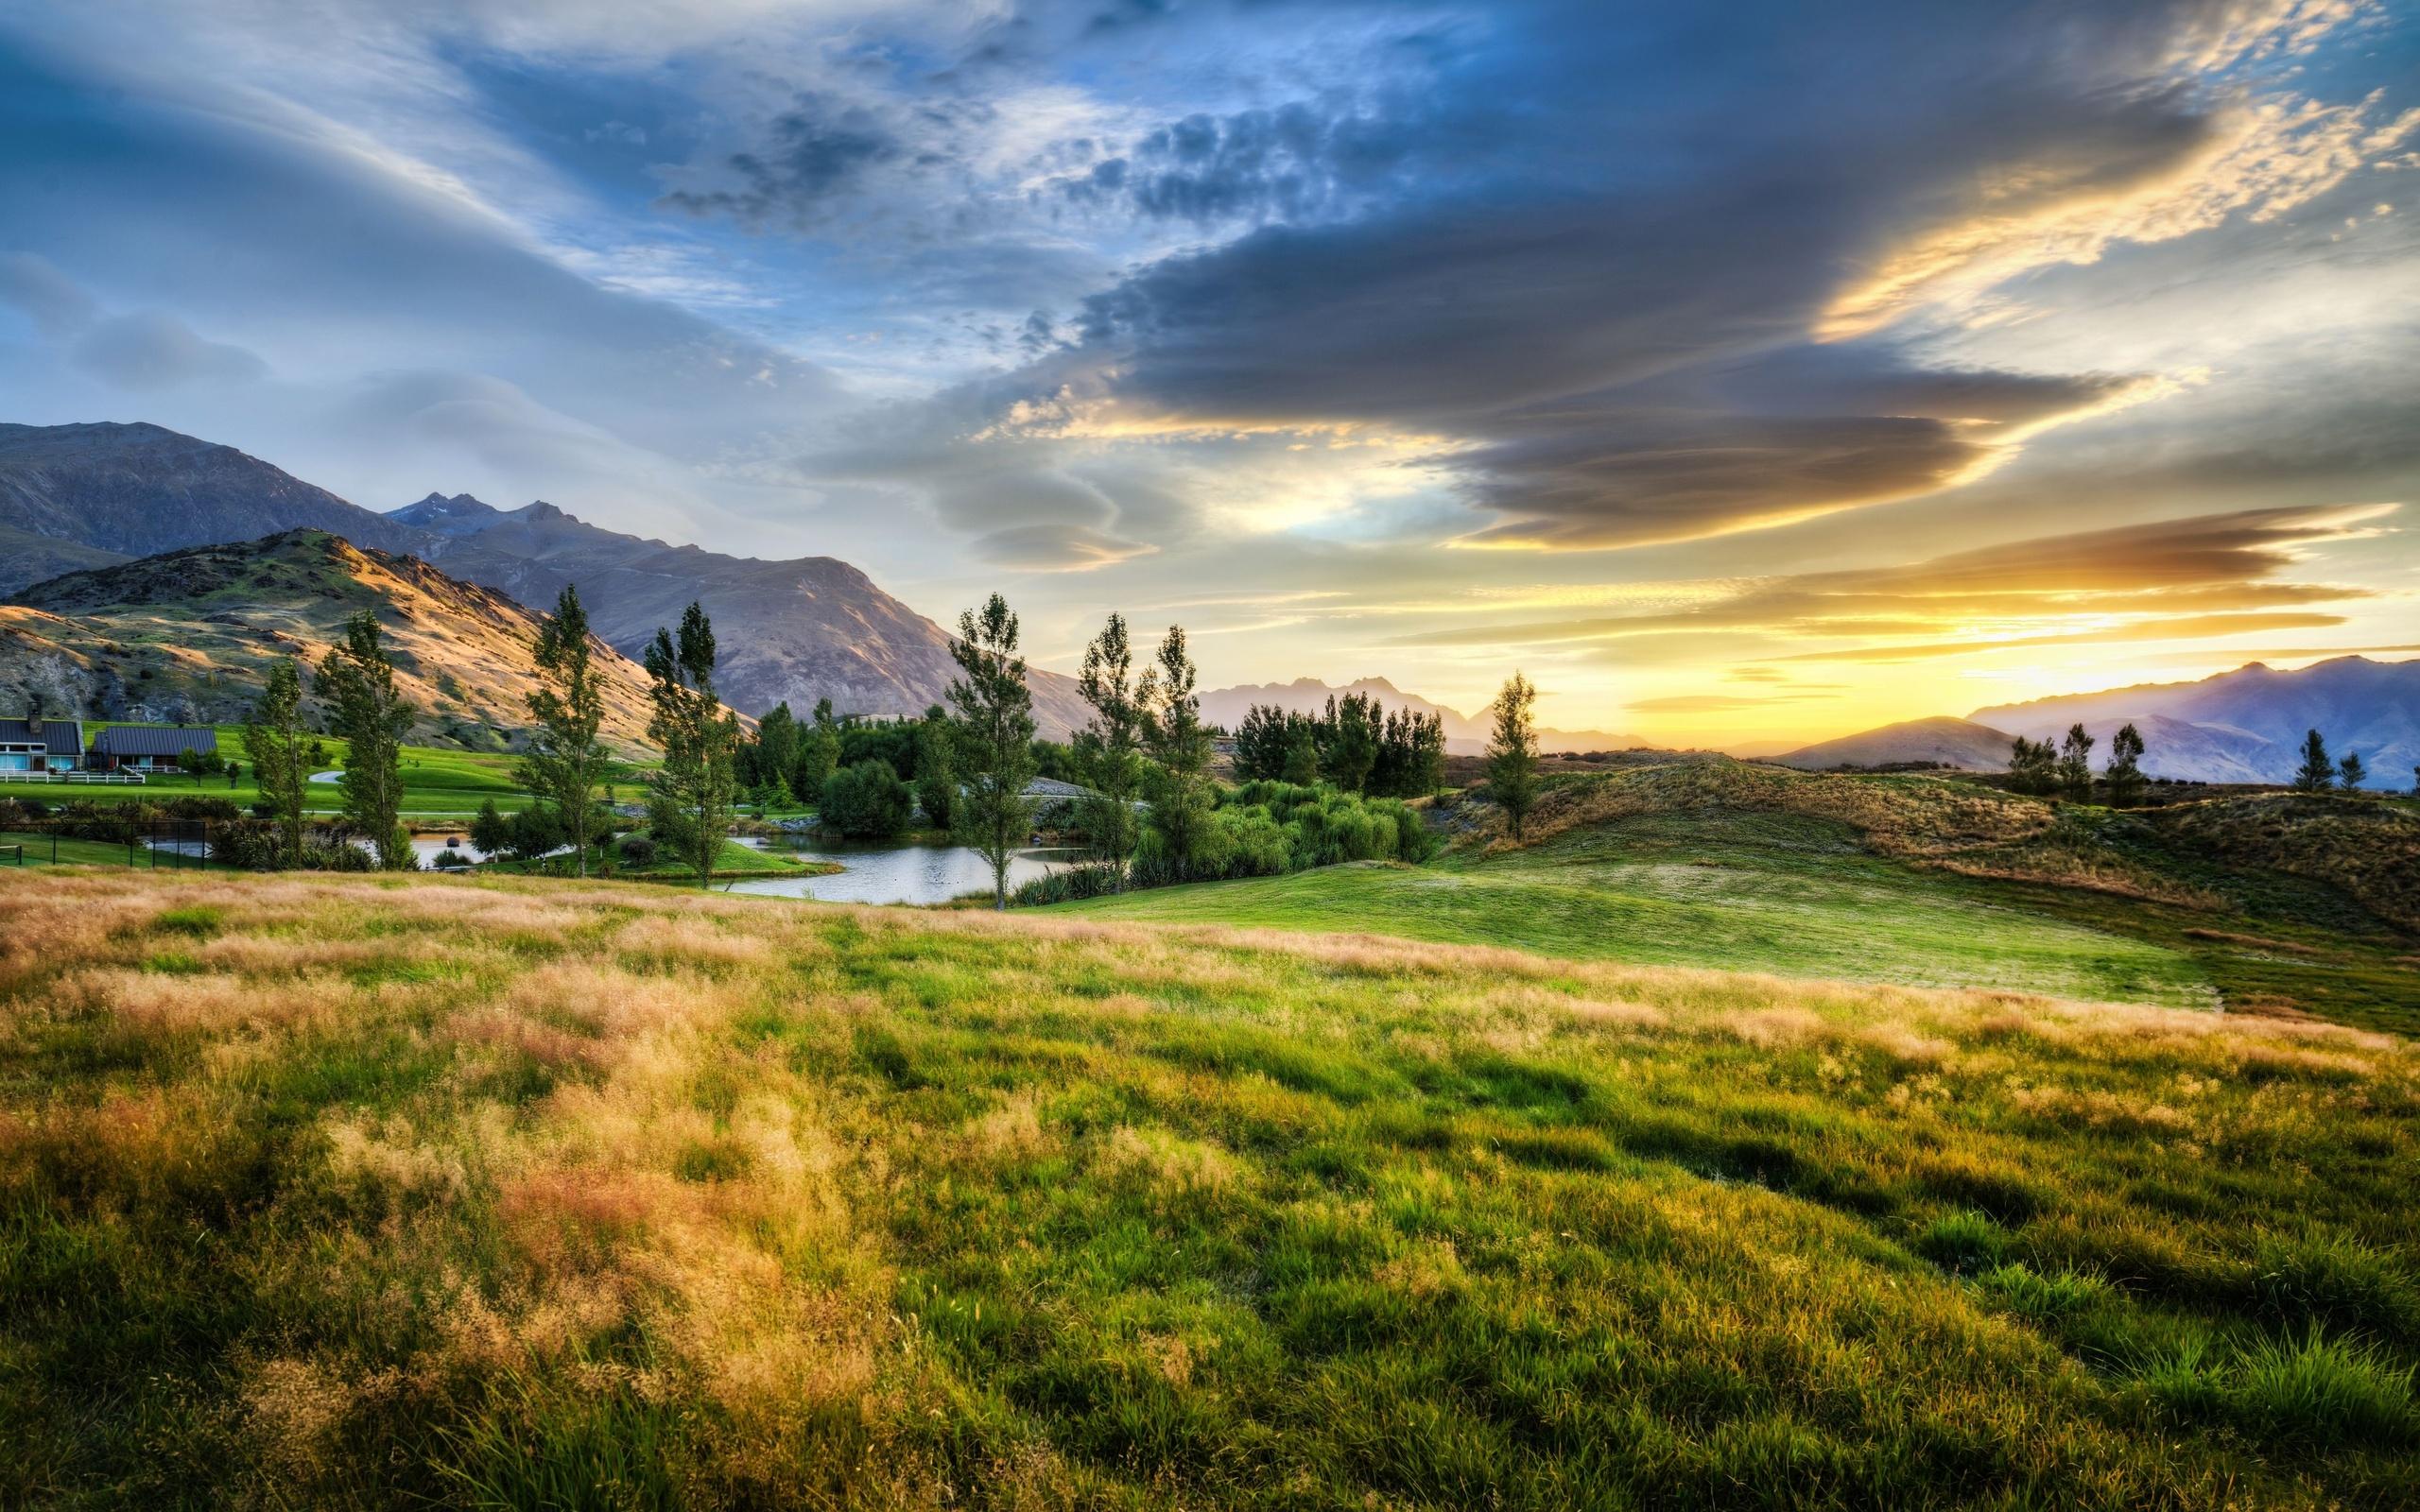 New zealand sunset prairie mountains pond landscape wallpaper 2560x1600 132739 wallpaperup - Photo wallpaper ...